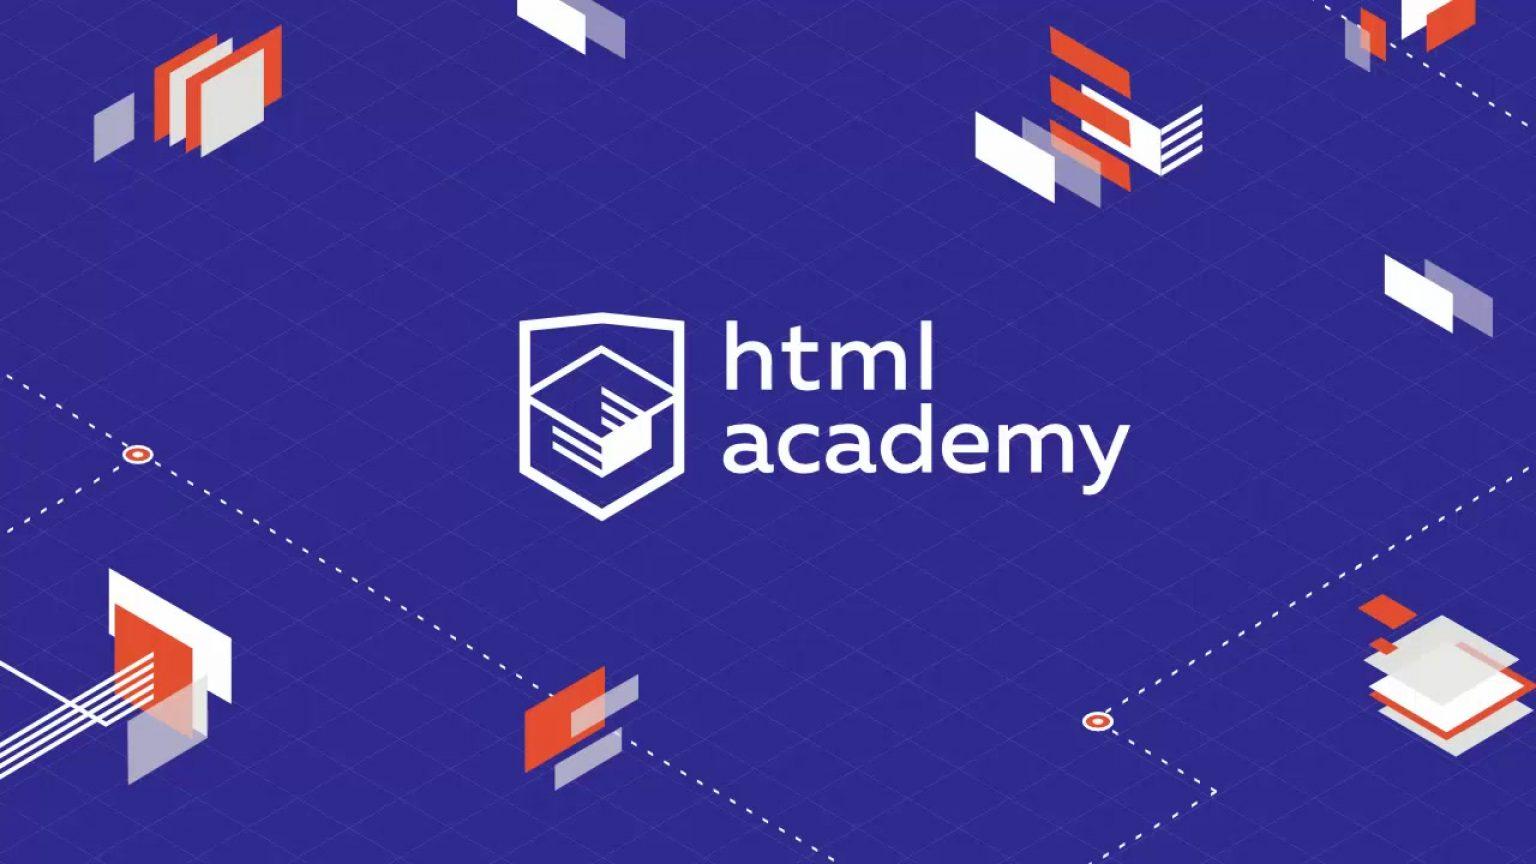 20 сентября будет начало курса «Анатомия HTML и CSS #6» совместно с HTML Academy